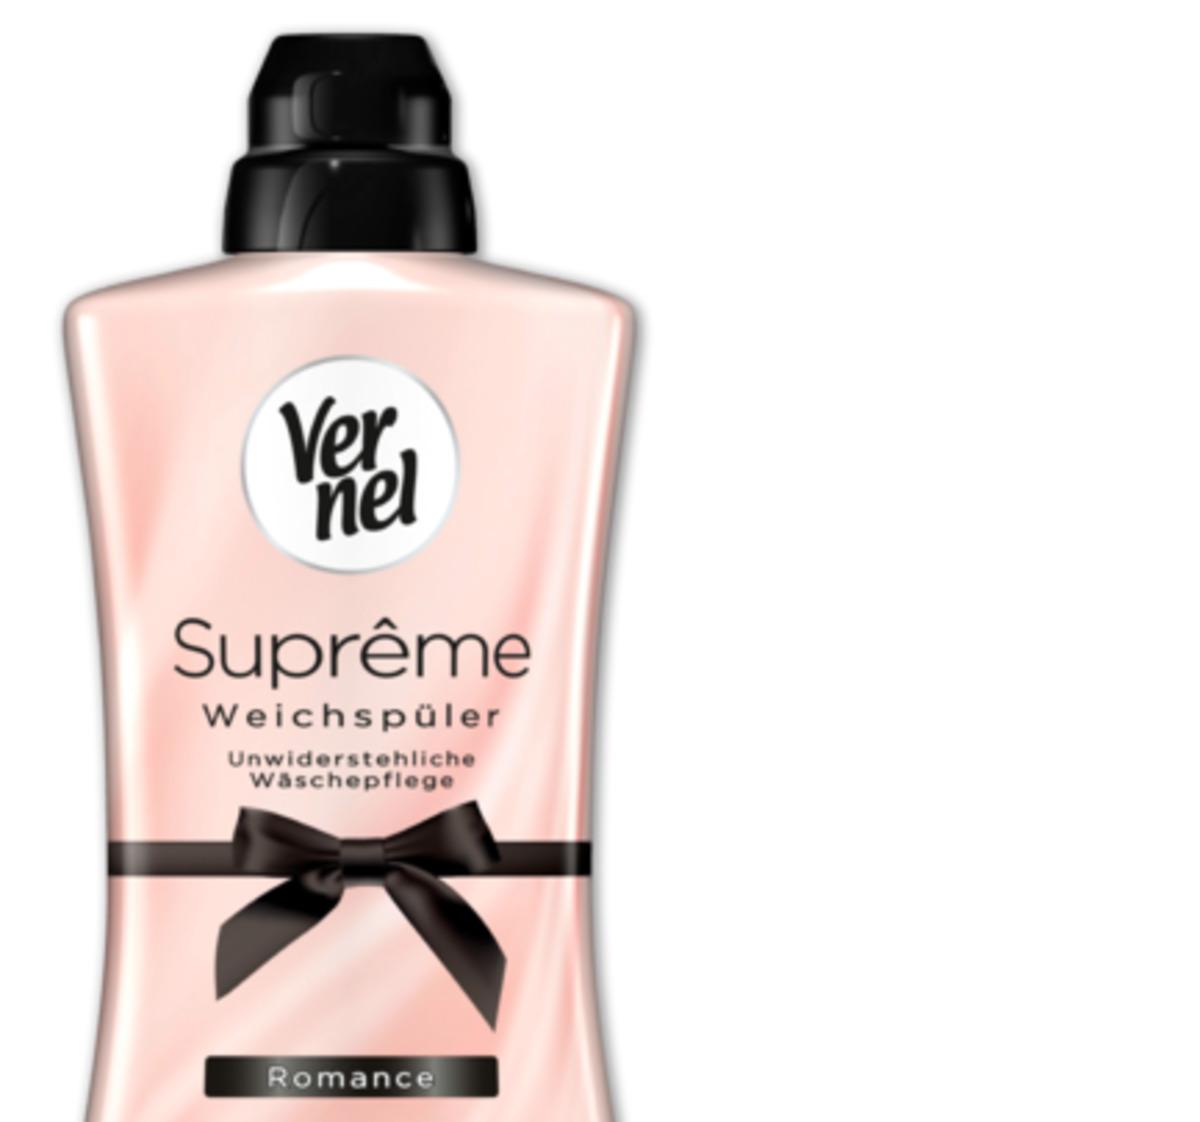 Bild 1 von VERNEL Supreme Premium-Weichspüler